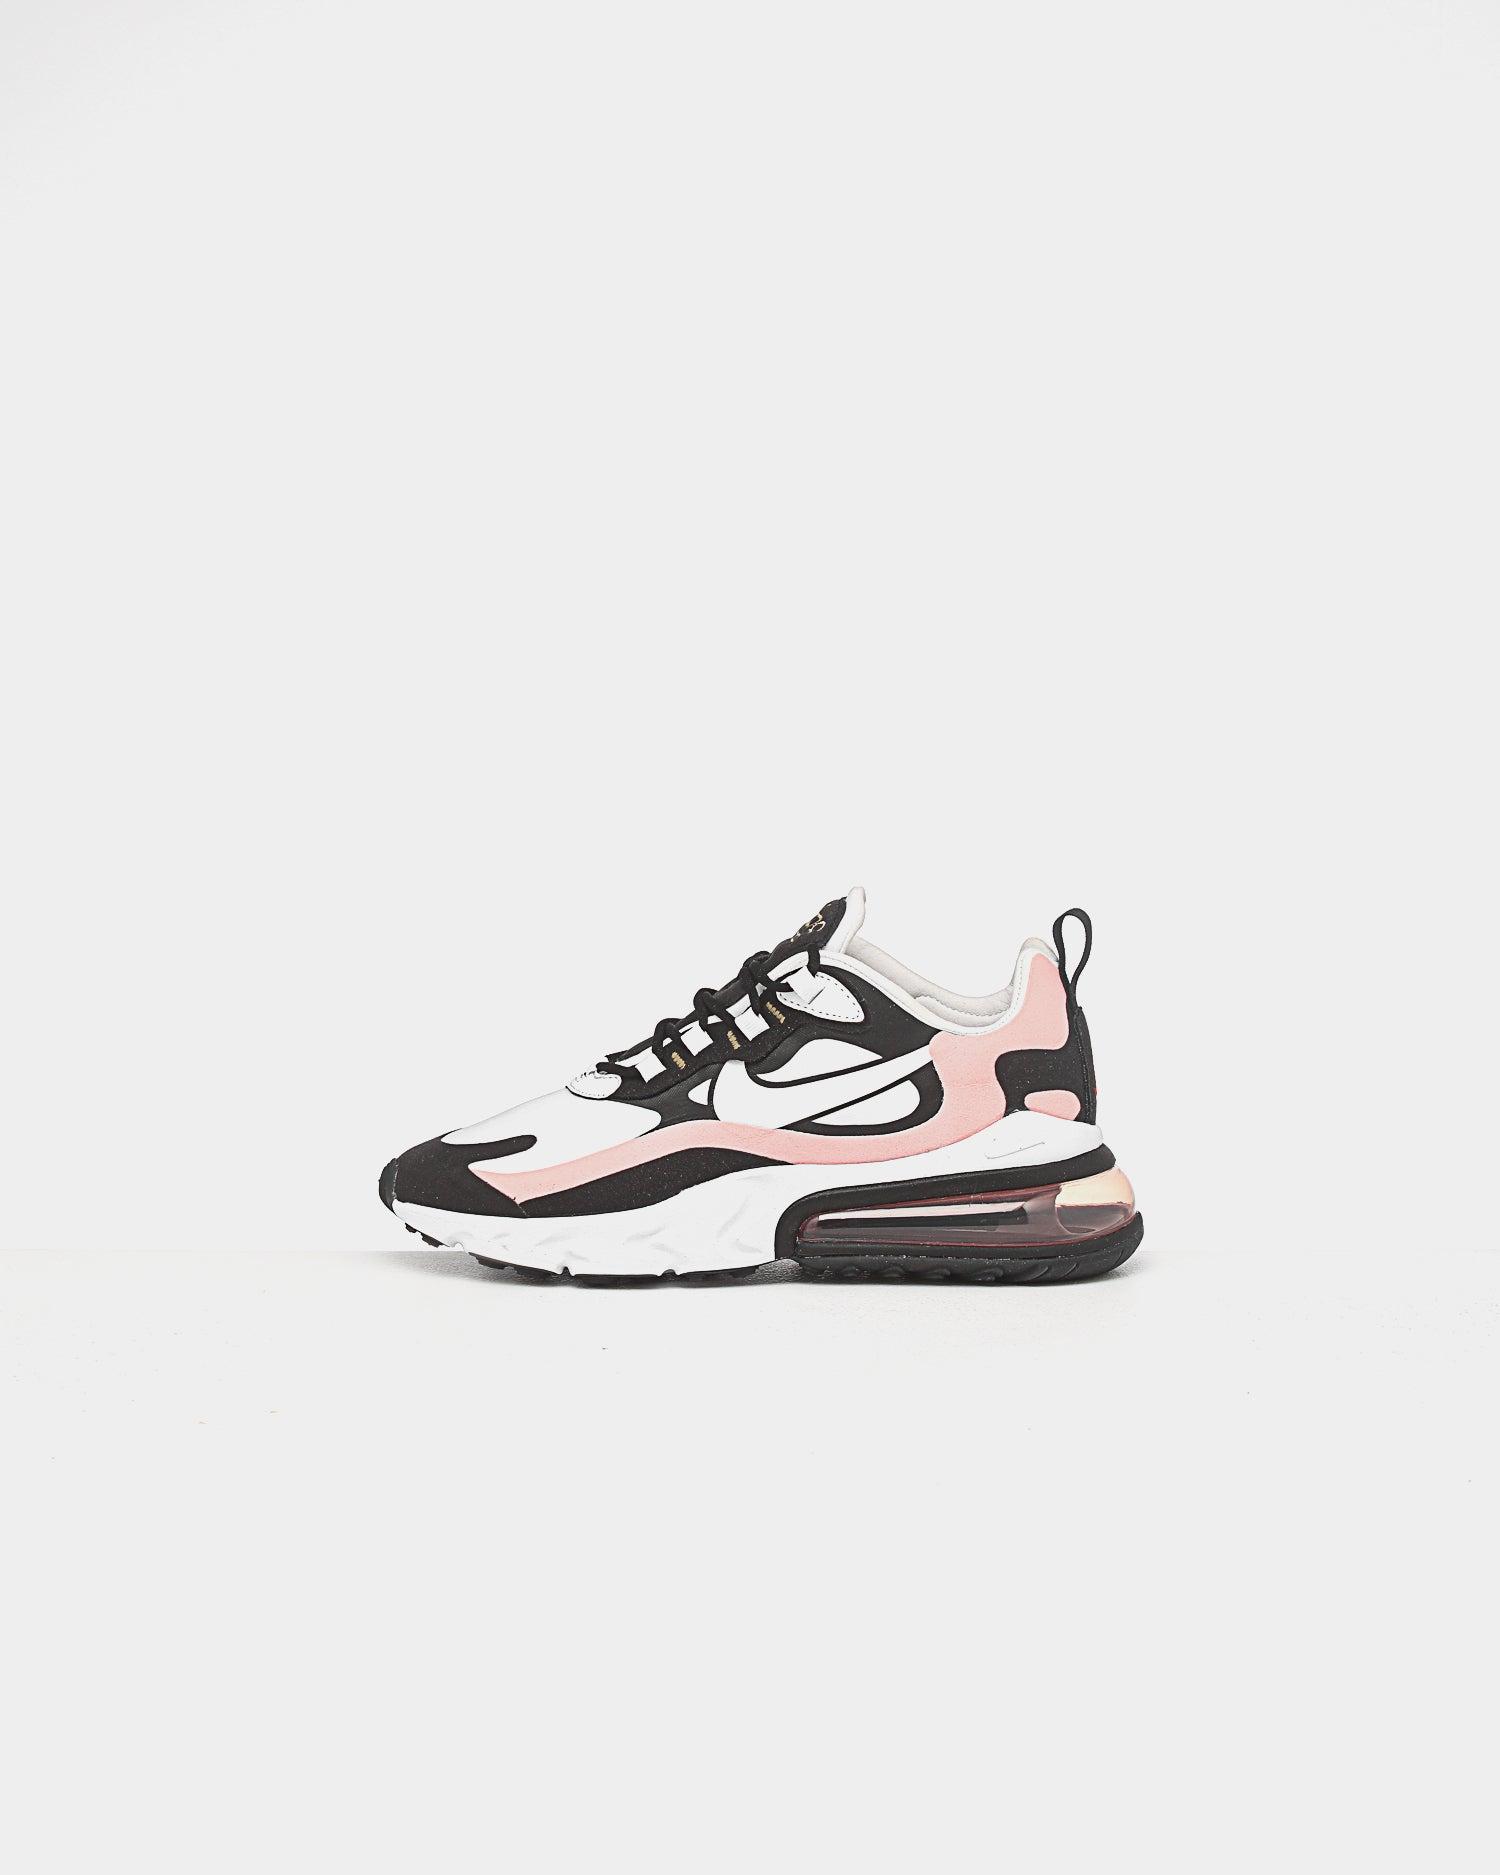 Nike Air Max Vision Men's Casual Shoe Hibbett | City Gear